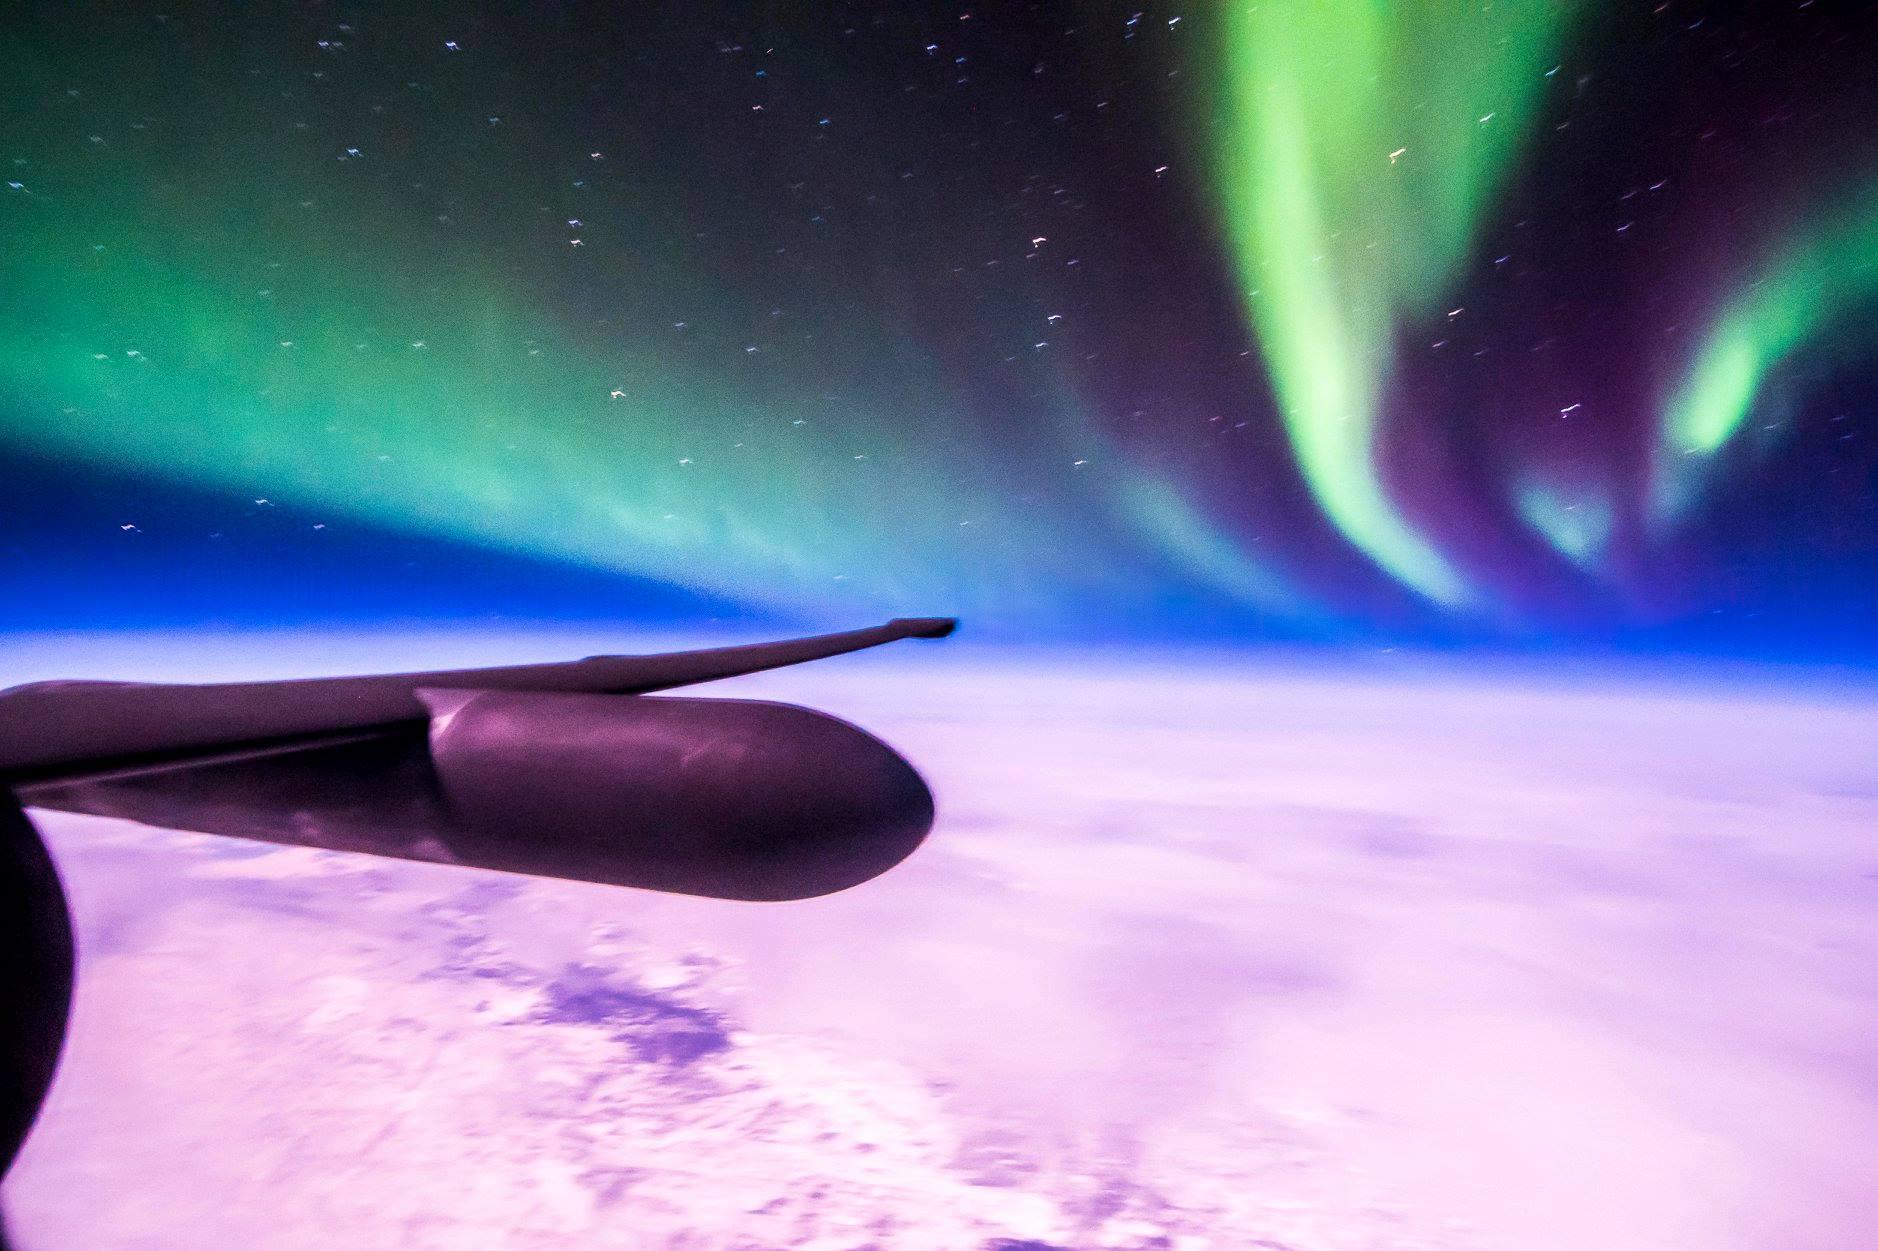 L'aurora boreale vista dagli occhi di un pilota d'aereo